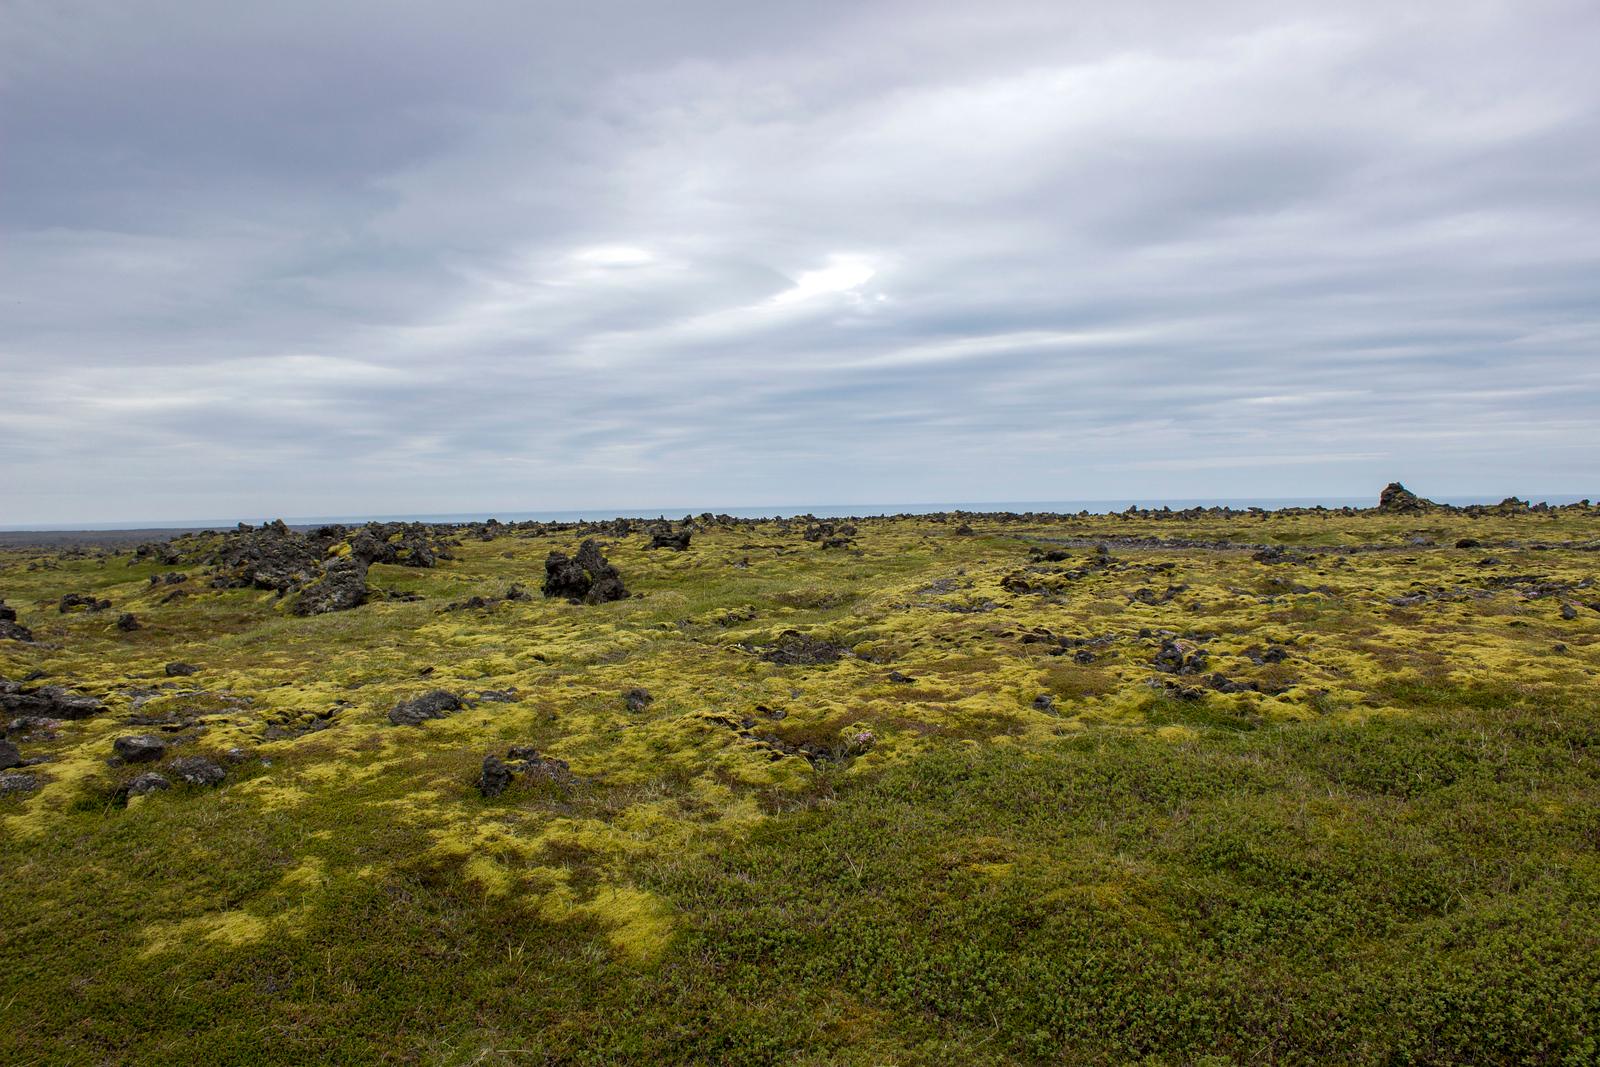 Snaefellsjoekull National Park - Snæfellsnes Peninsula Iceland Day Trip Travel Guide